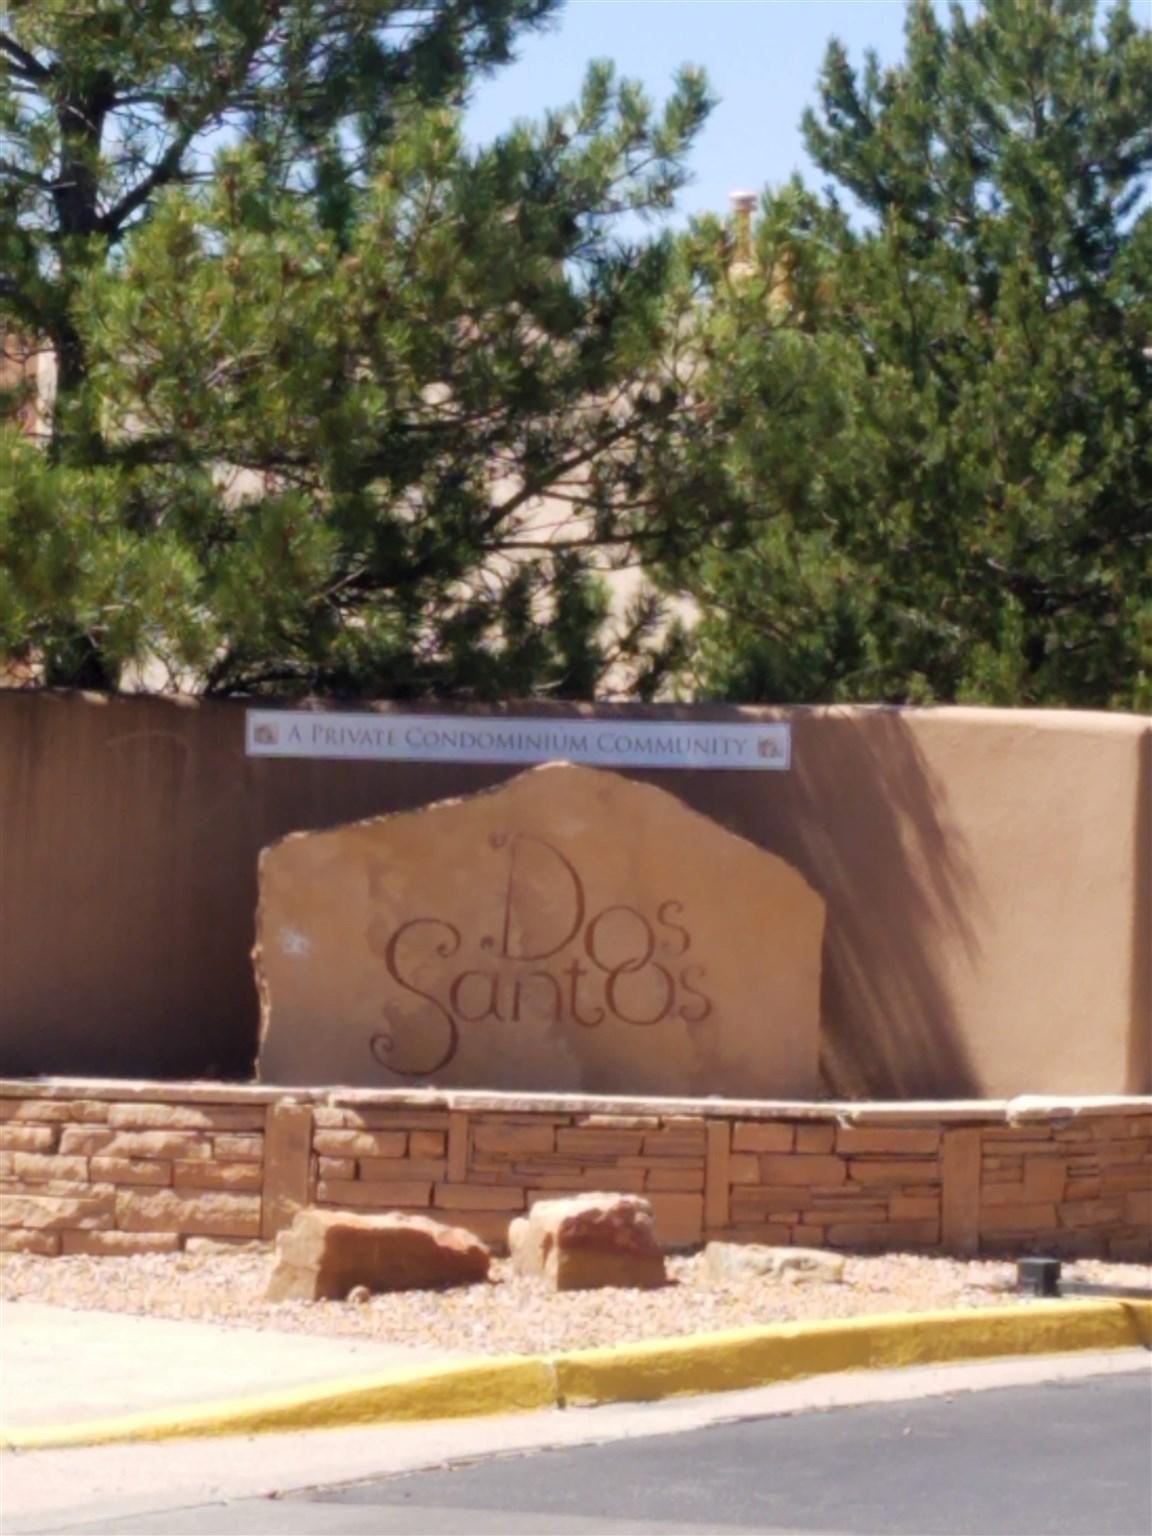 2210 MIGUEL CHAVEZ RD #426, Santa Fe, New Mexico 87505, 1 Bedroom Bedrooms, ,1 BathroomBathrooms,Condominium,For Sale,2210 MIGUEL CHAVEZ RD #426,202100706